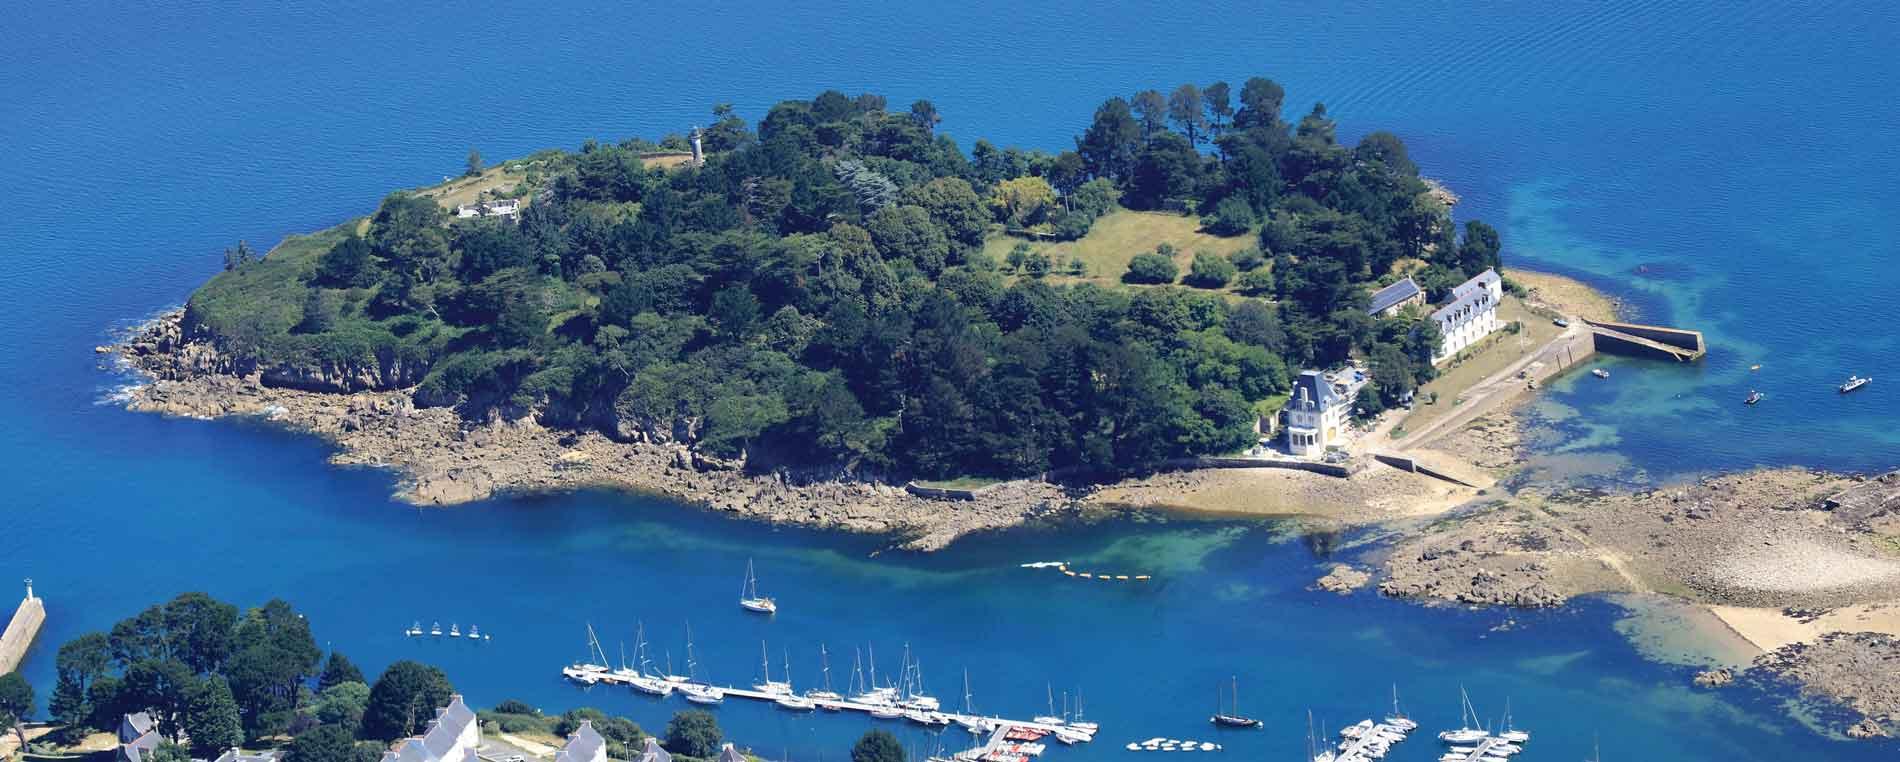 L'île Tristan à Douarnenez